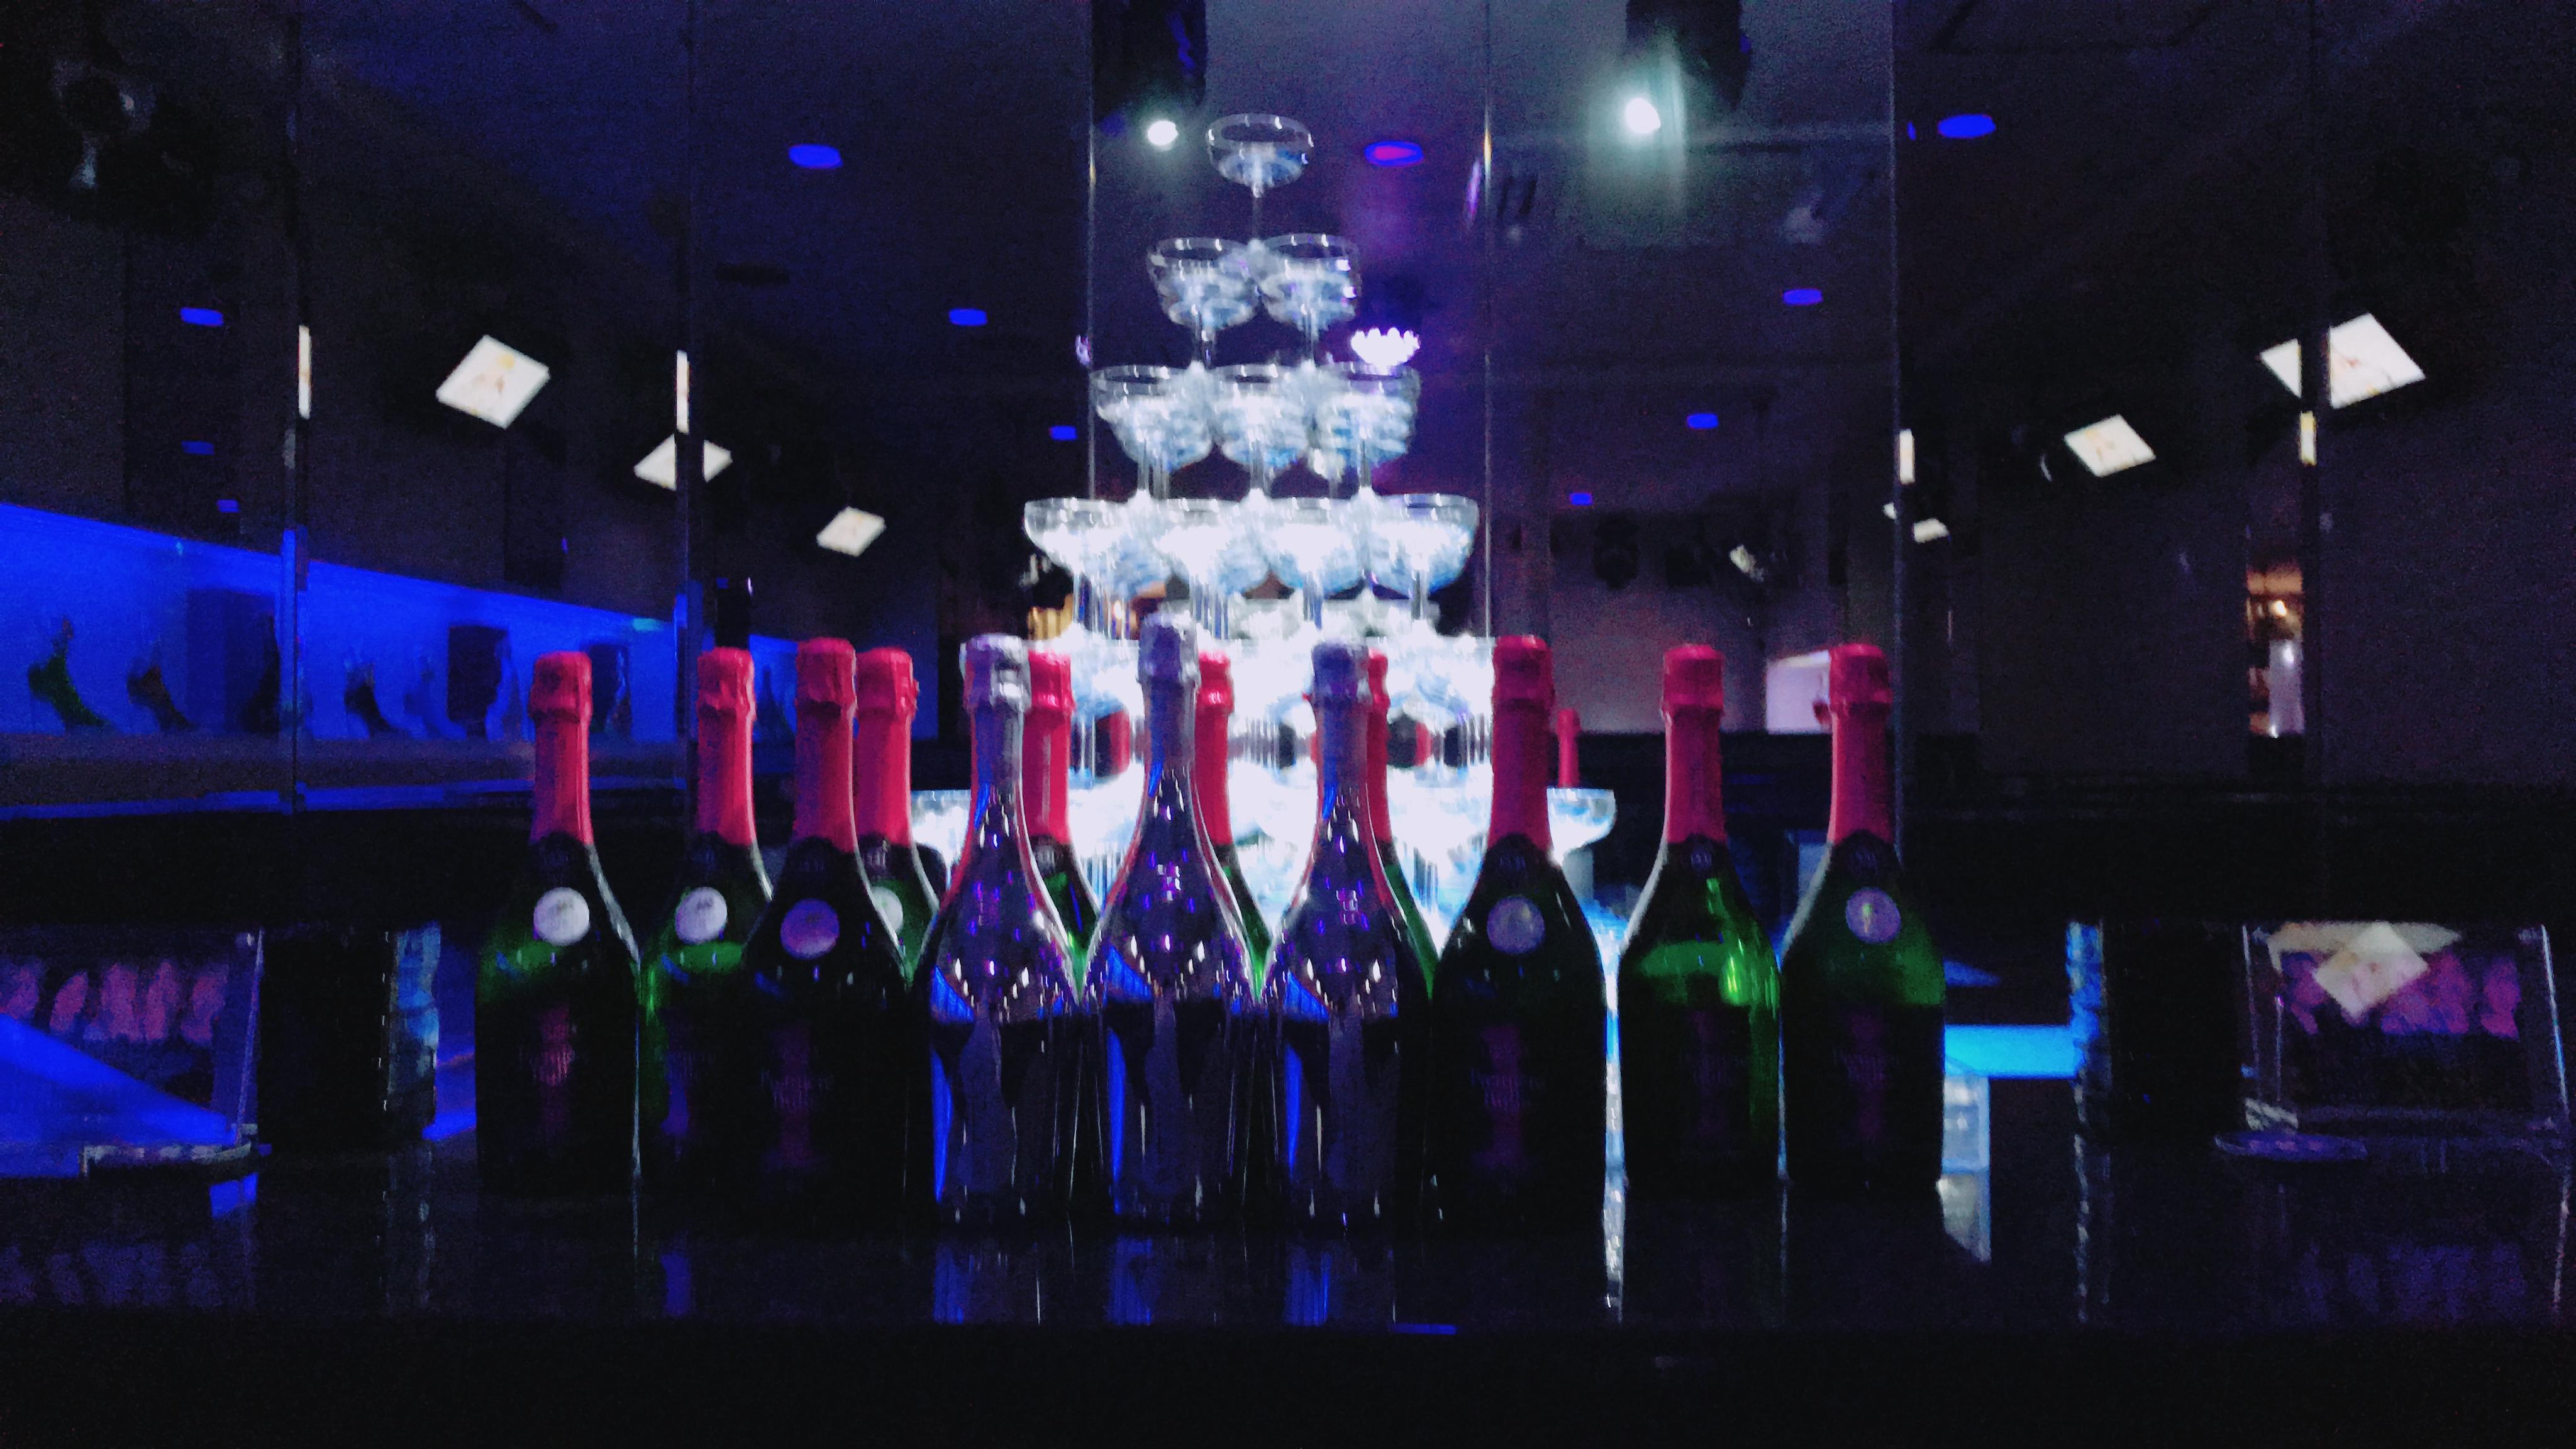 悠 Club ARK[ホストクラブ/松山市二番町]さんのブログページへはこちらから